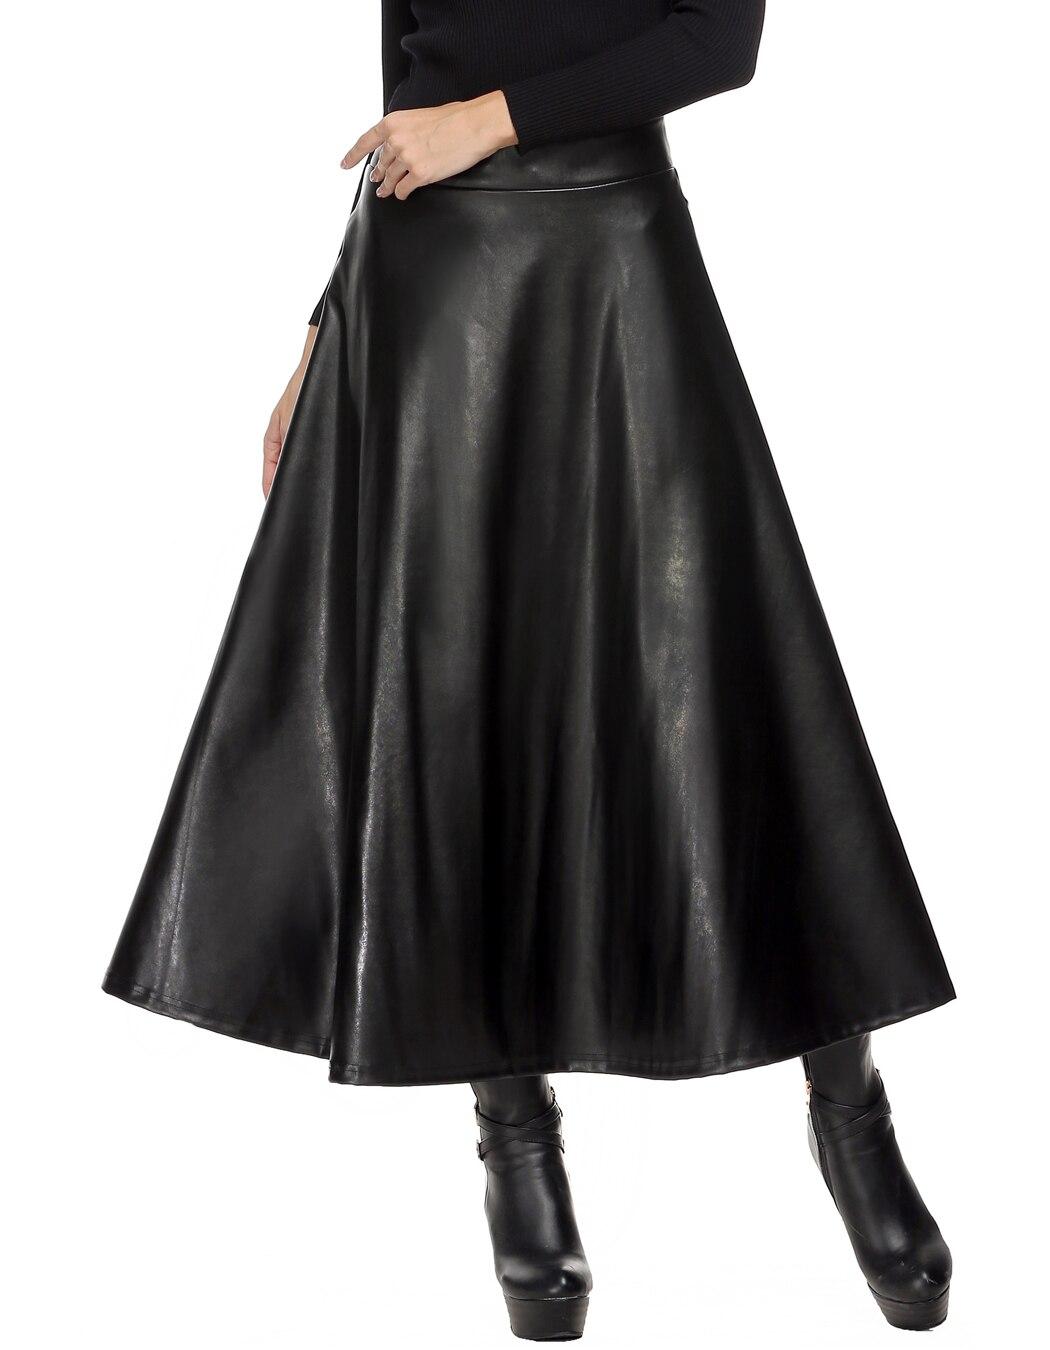 fce9b58b3 Faldas largas para mujer verano hight cintura maxi falda de cuero de la pu  delgado primavera otoño vintage moda oscilación plisada falda negro en ...